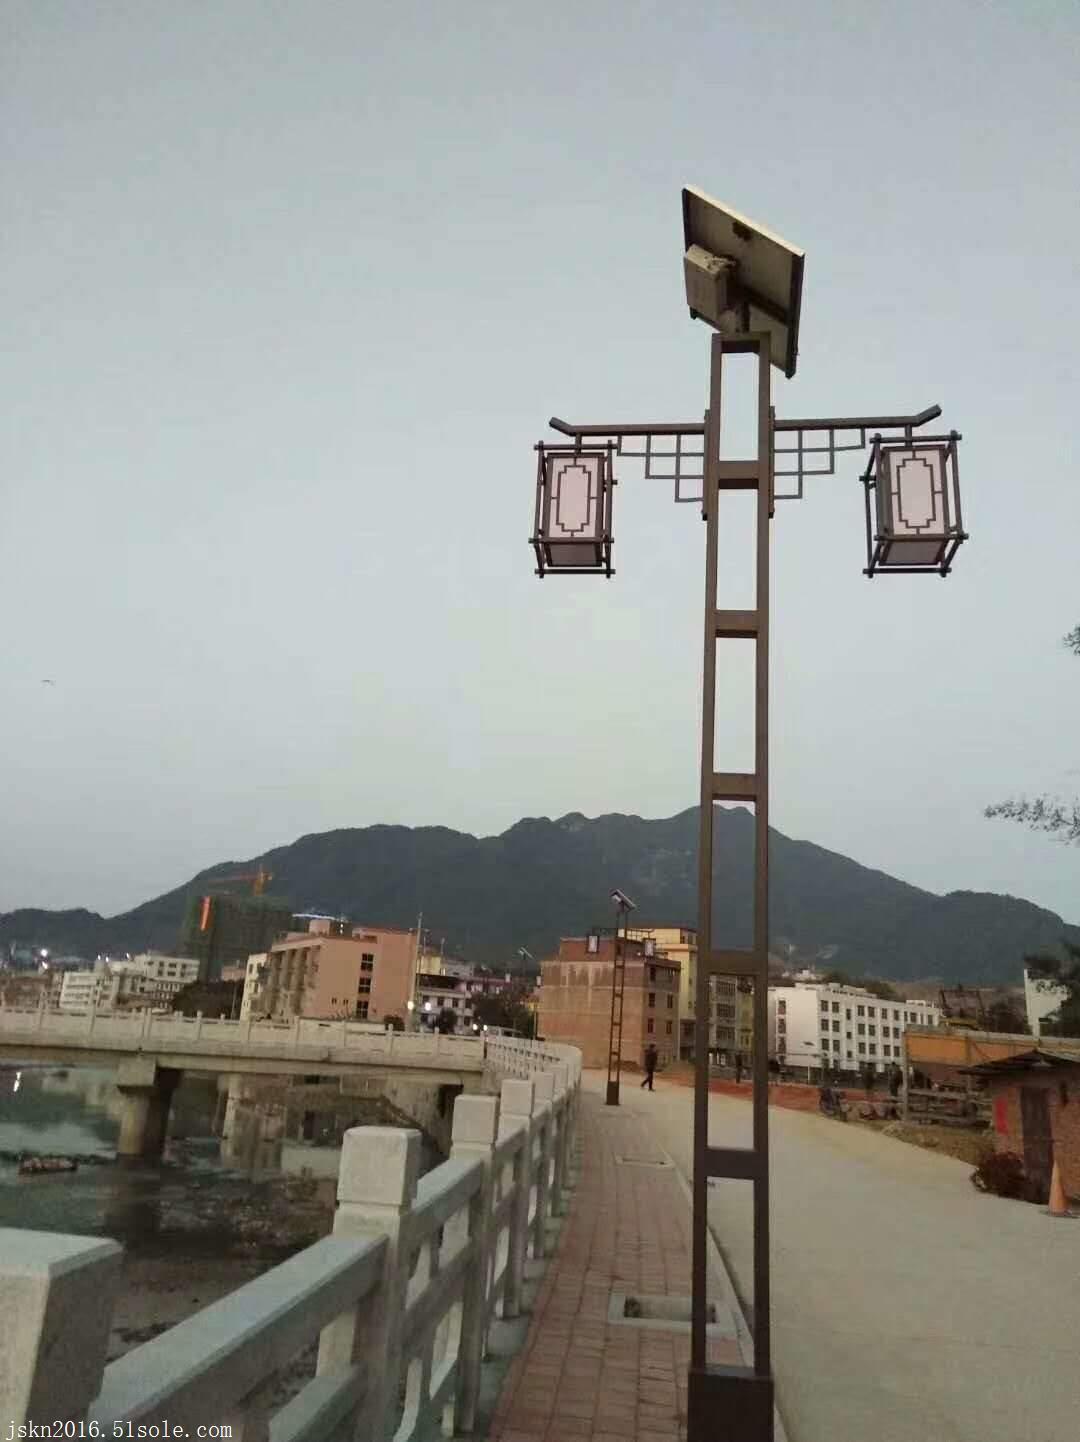 6米30瓦太阳能路灯价格 5米20瓦太阳能路灯 美丽乡村建设路灯